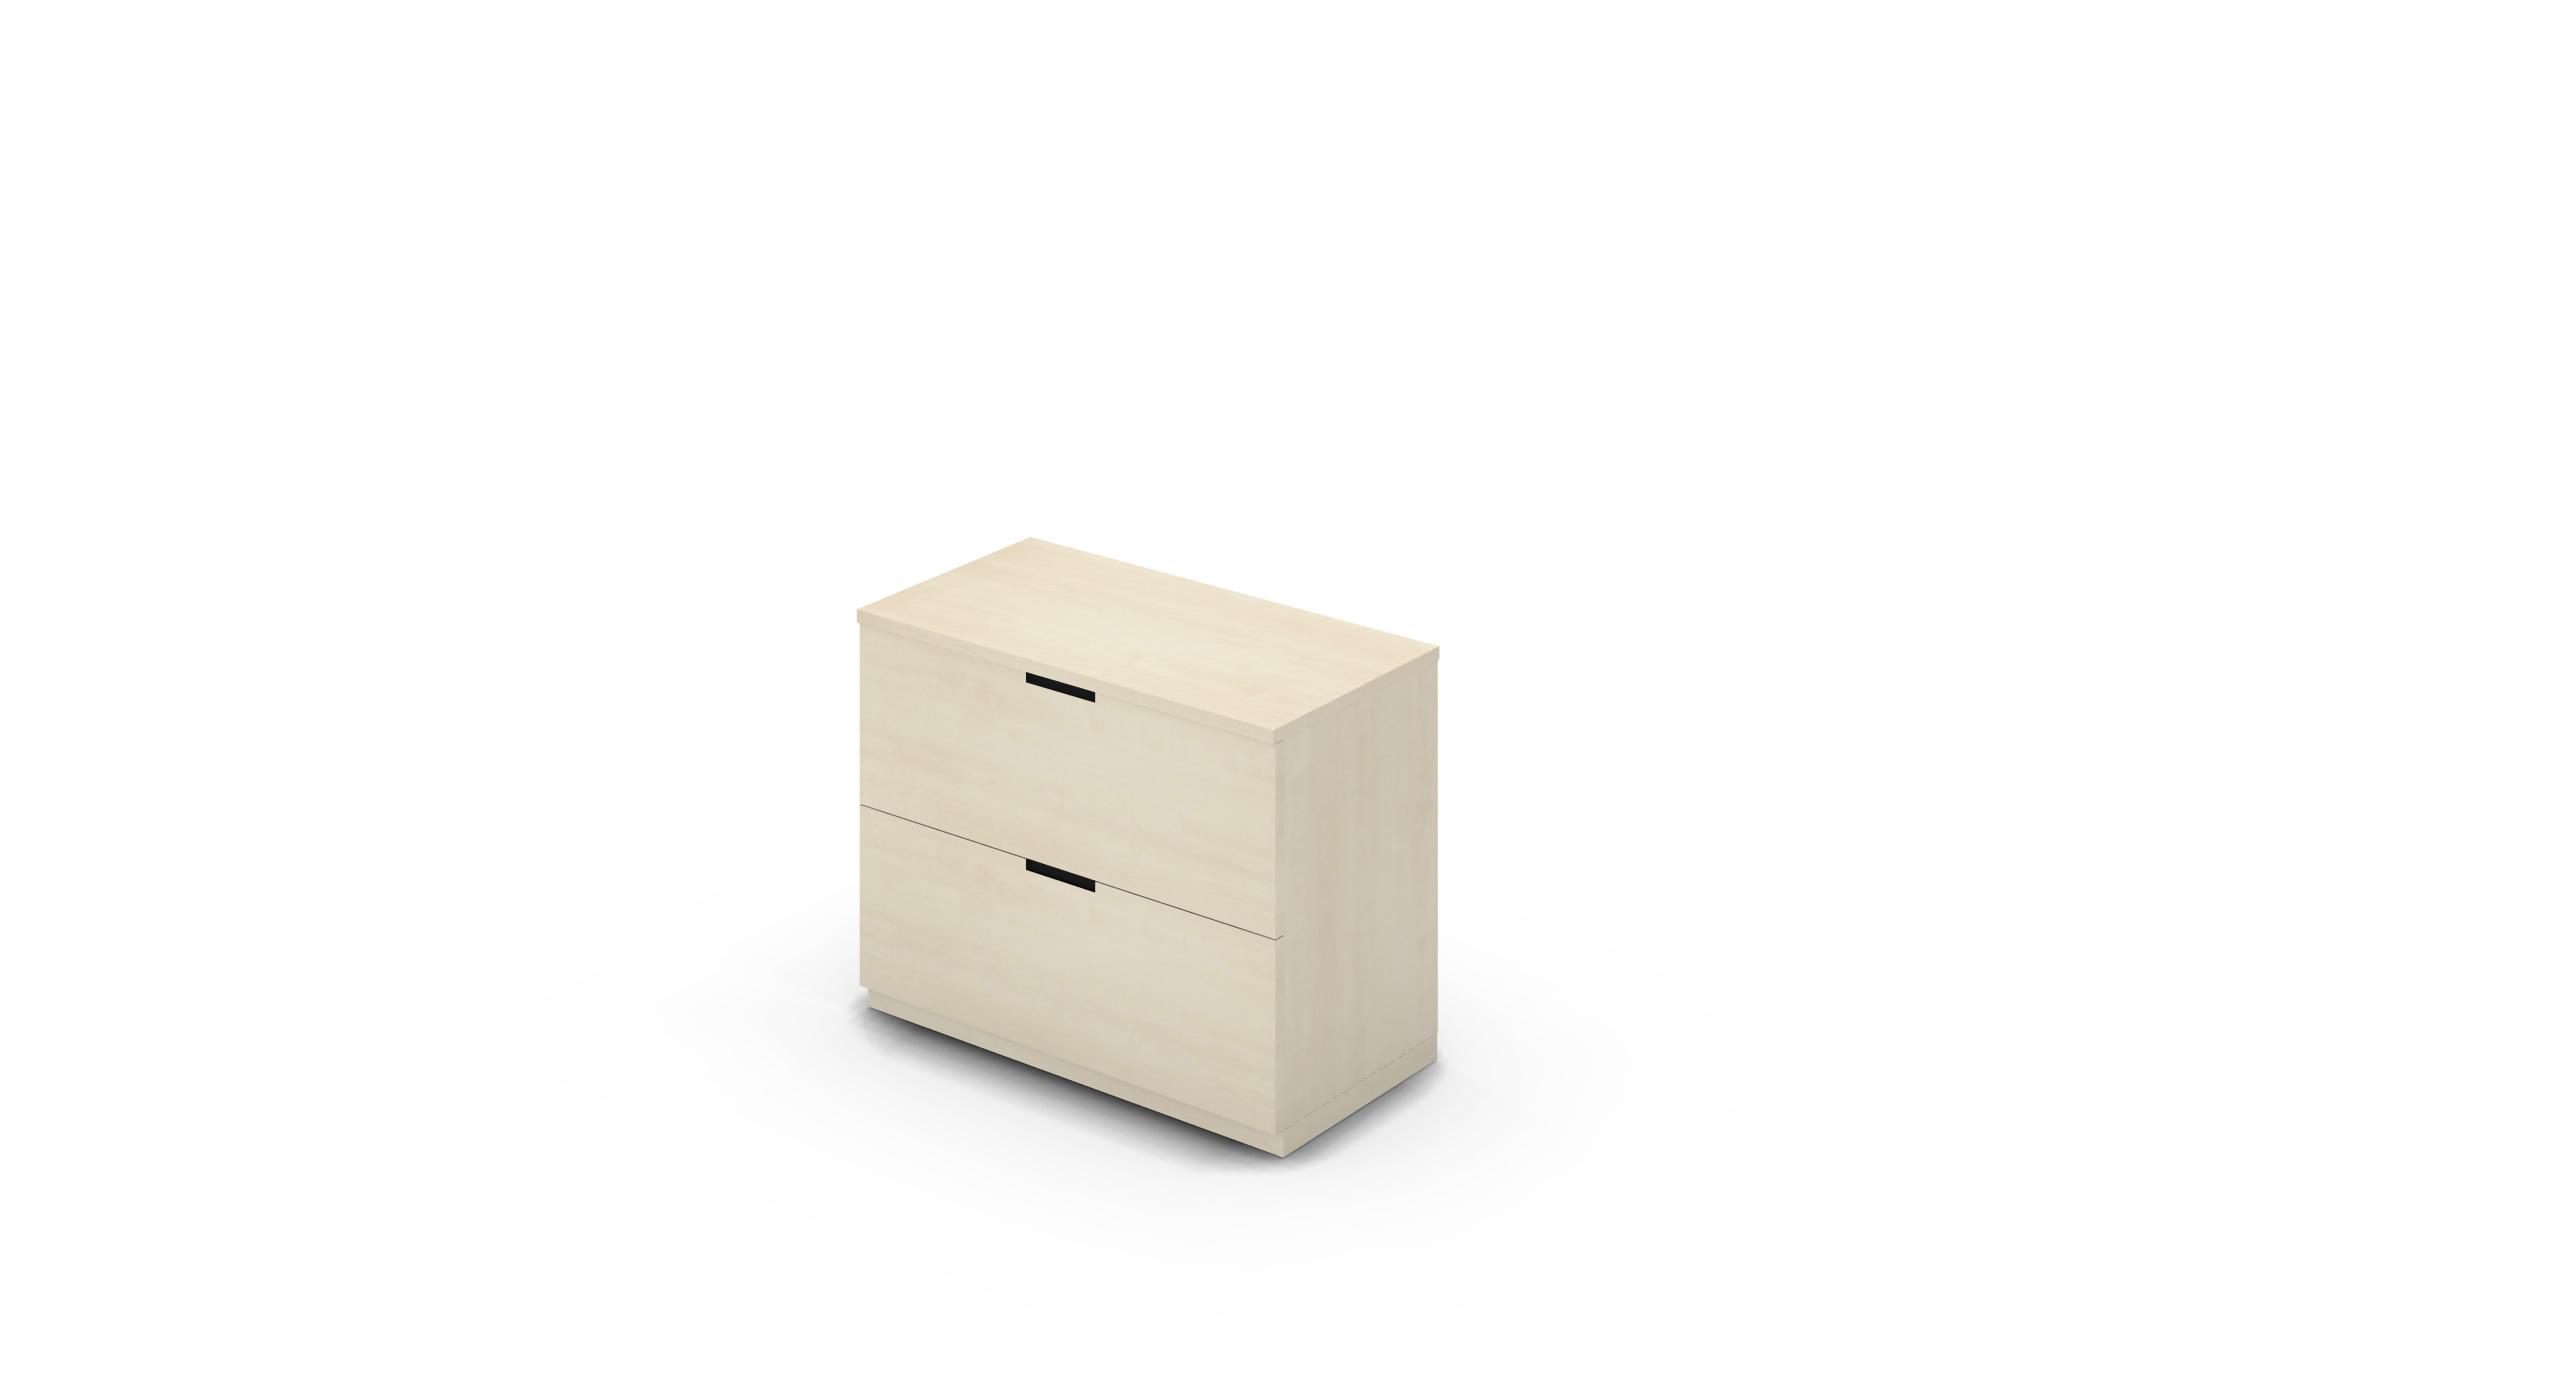 Cabinet_900x450x775_DR_Maple_CutOut_NoCylinder